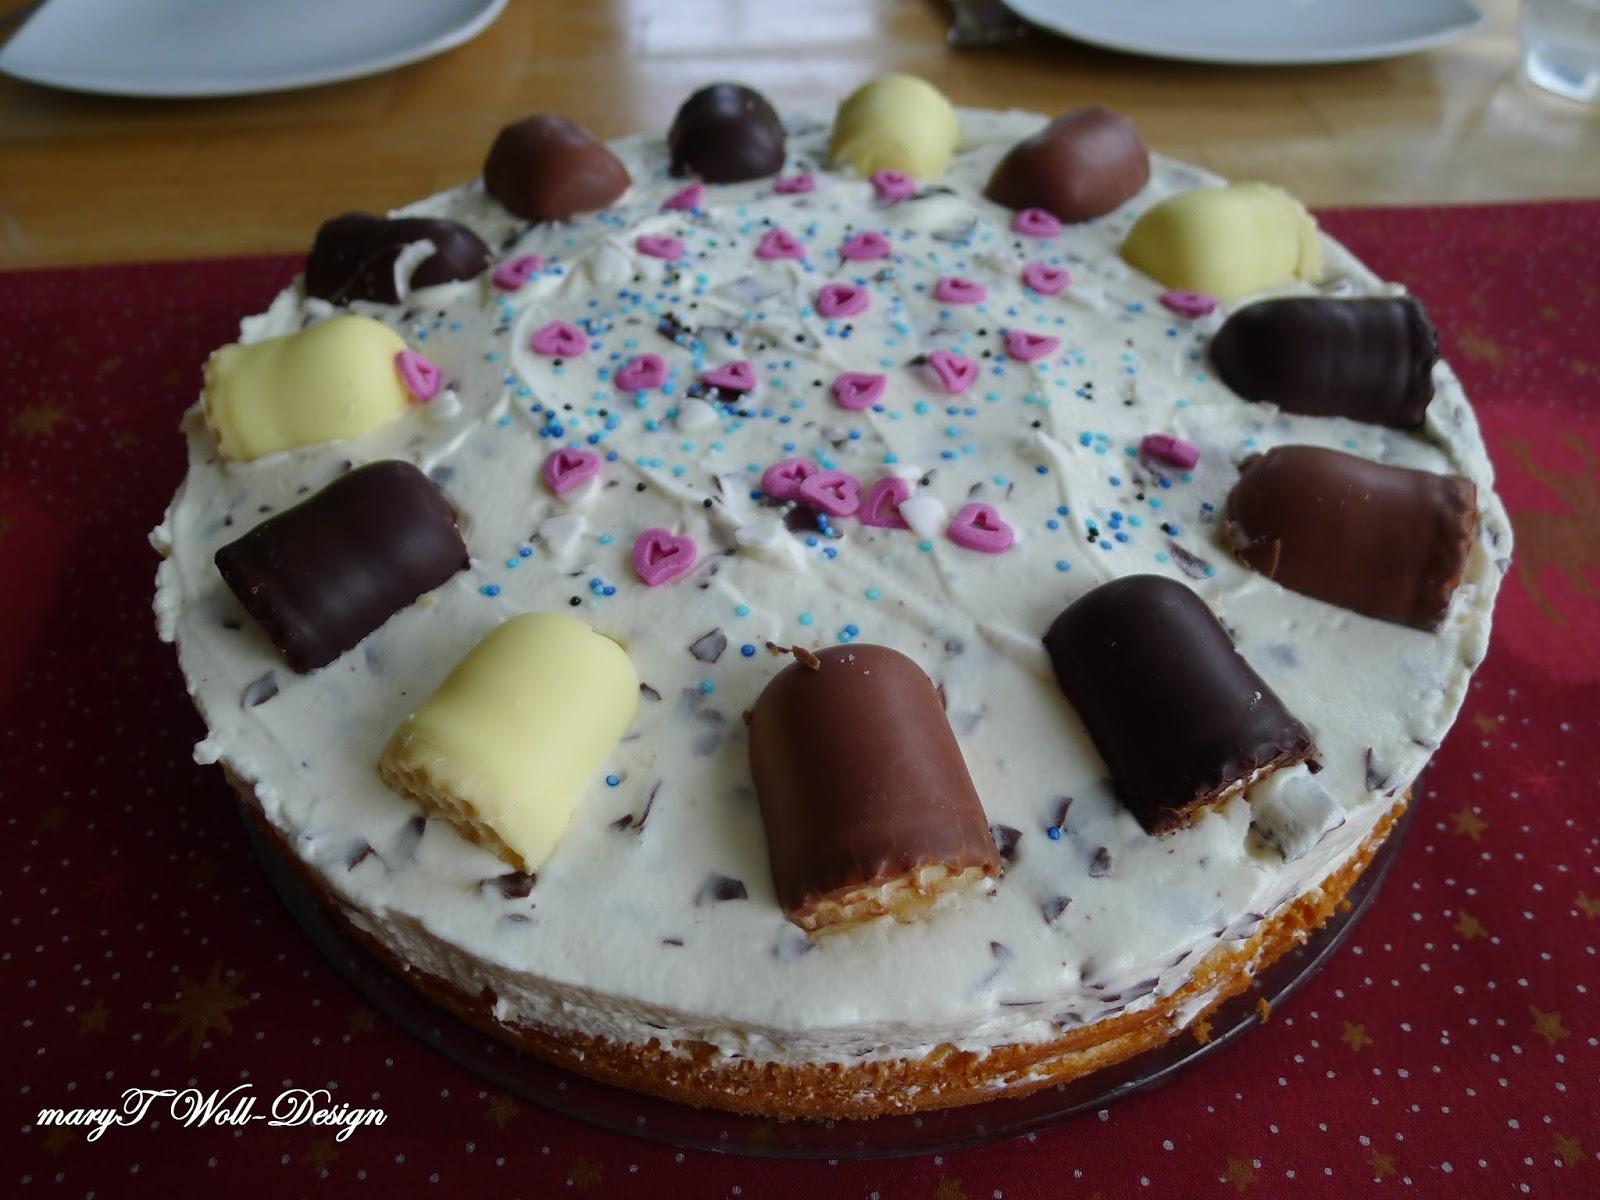 Maryt Woll Design Leicht Gemacht Schokokuss Torte